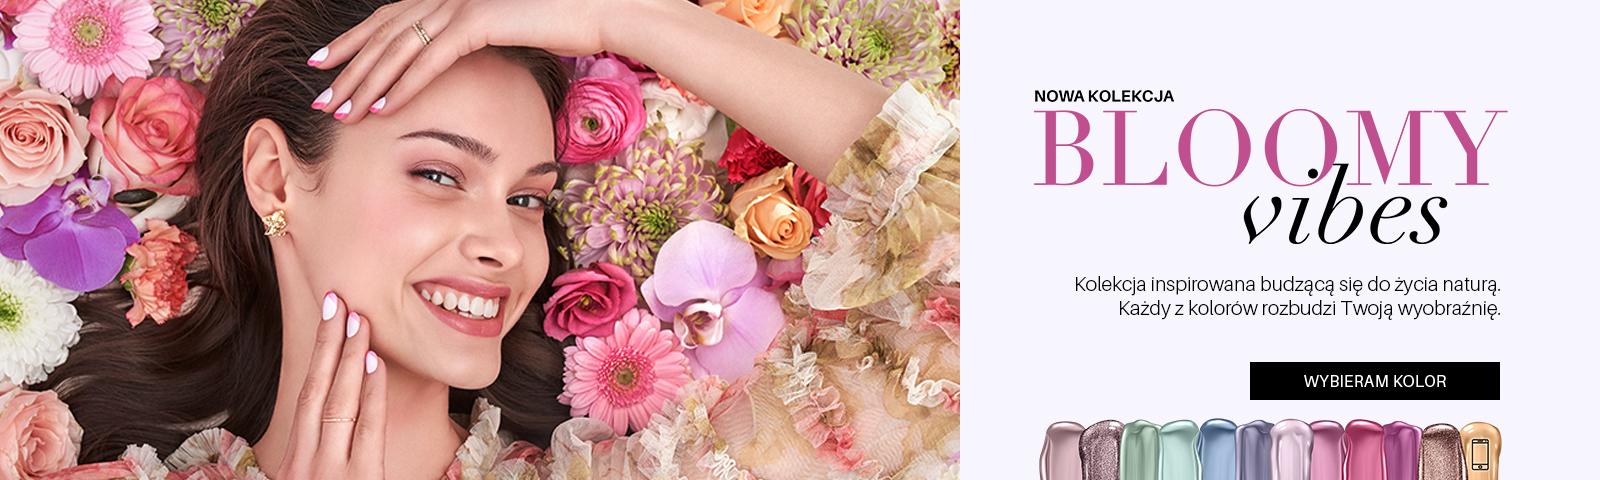 Bloomy Vibes Poczuj wiosnę z NEONAILOdkryj kolekcję BLOOMYvibes  WIOSNA